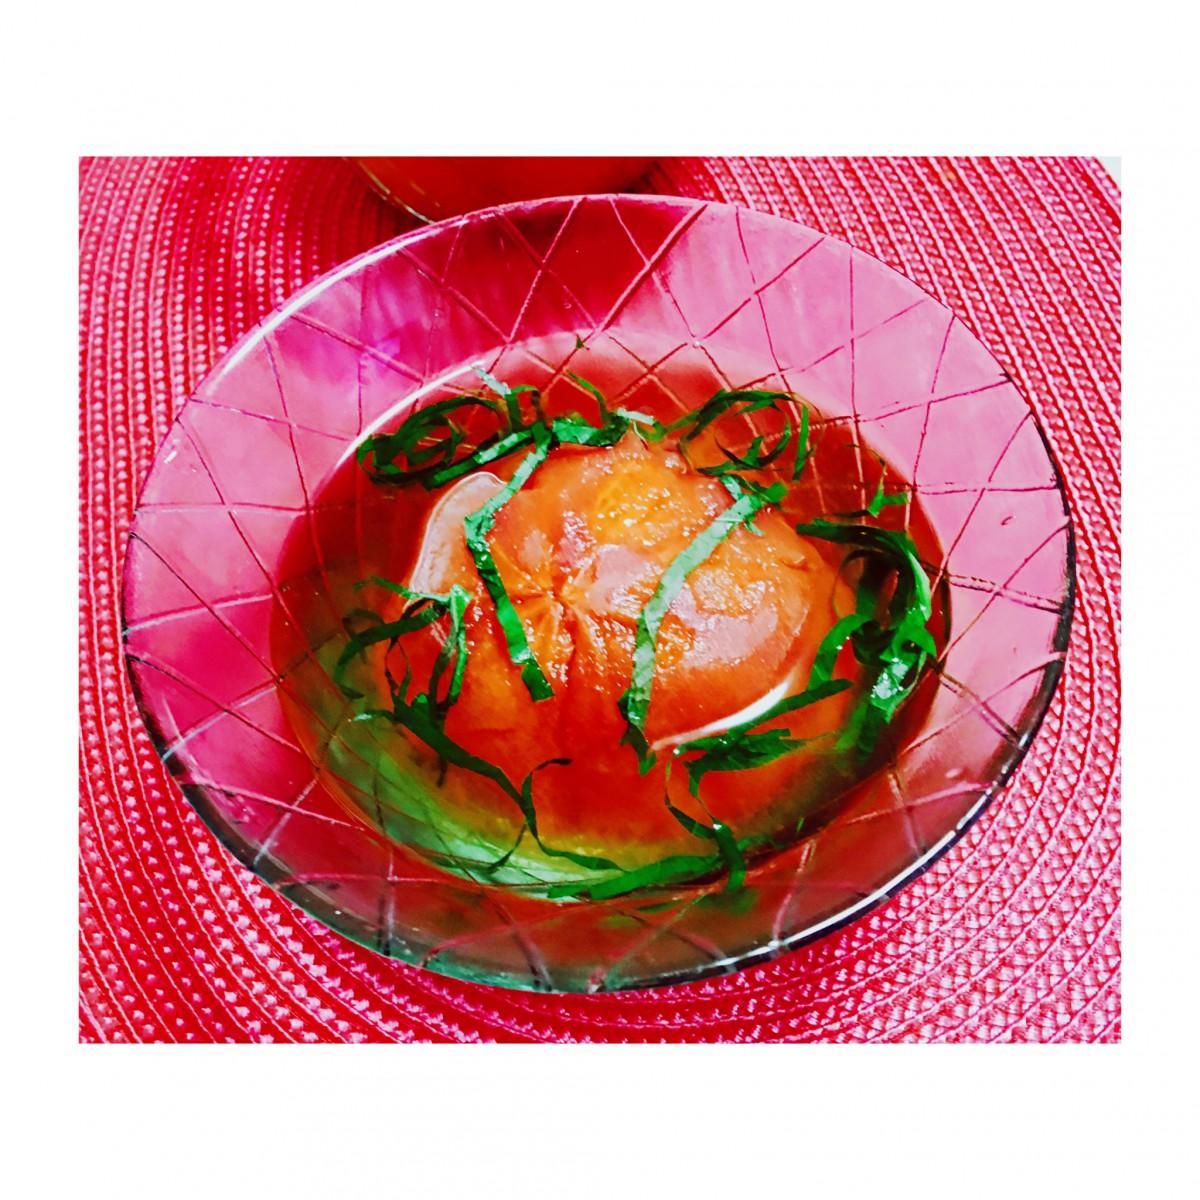 【簡単美レシピ】エイジング・紫外線対策にトマトの力♡